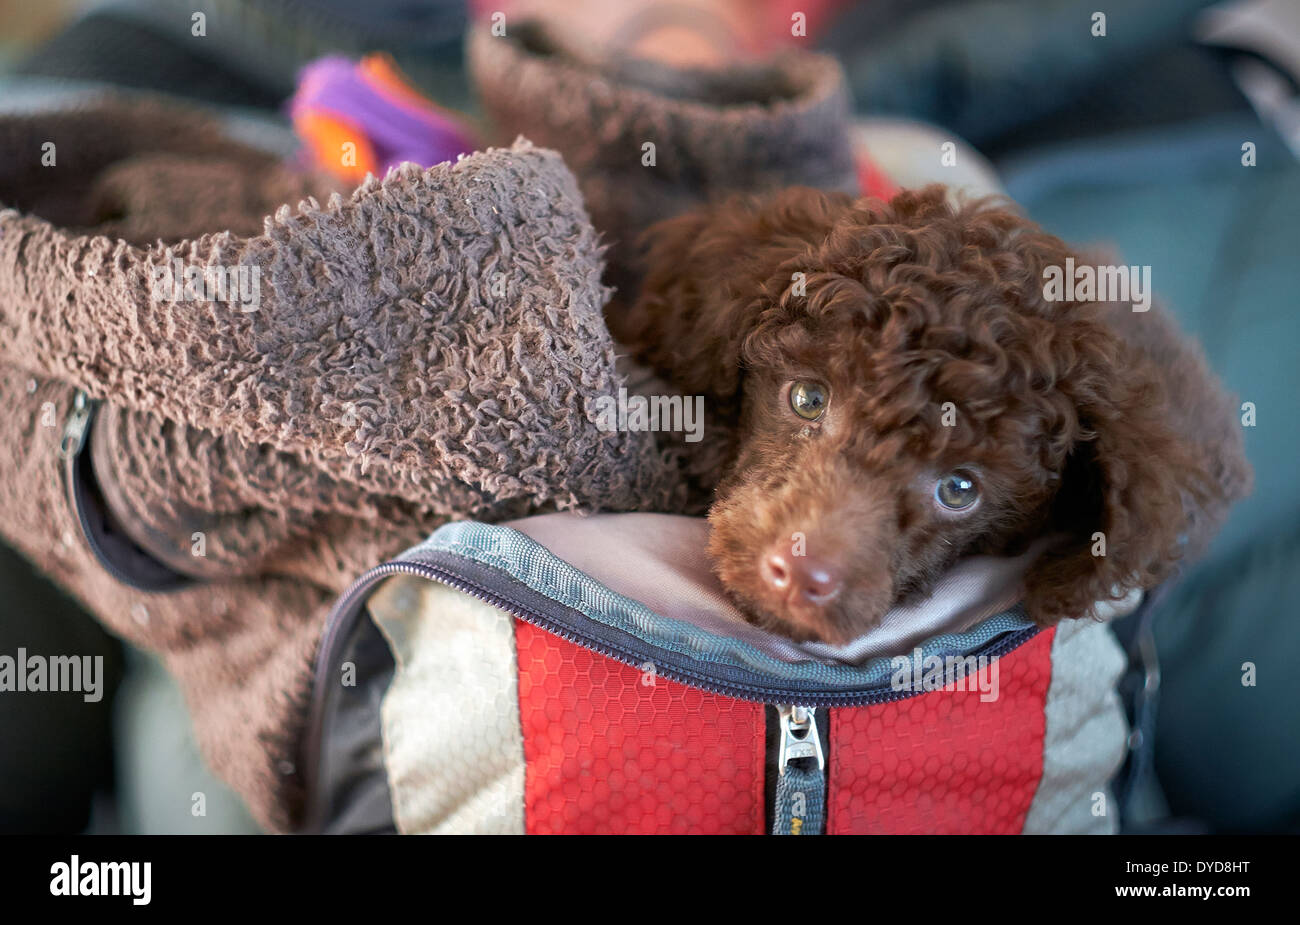 Un caniche miniatura envuelto en una mochila para su primer viaje al exterior. Imagen De Stock